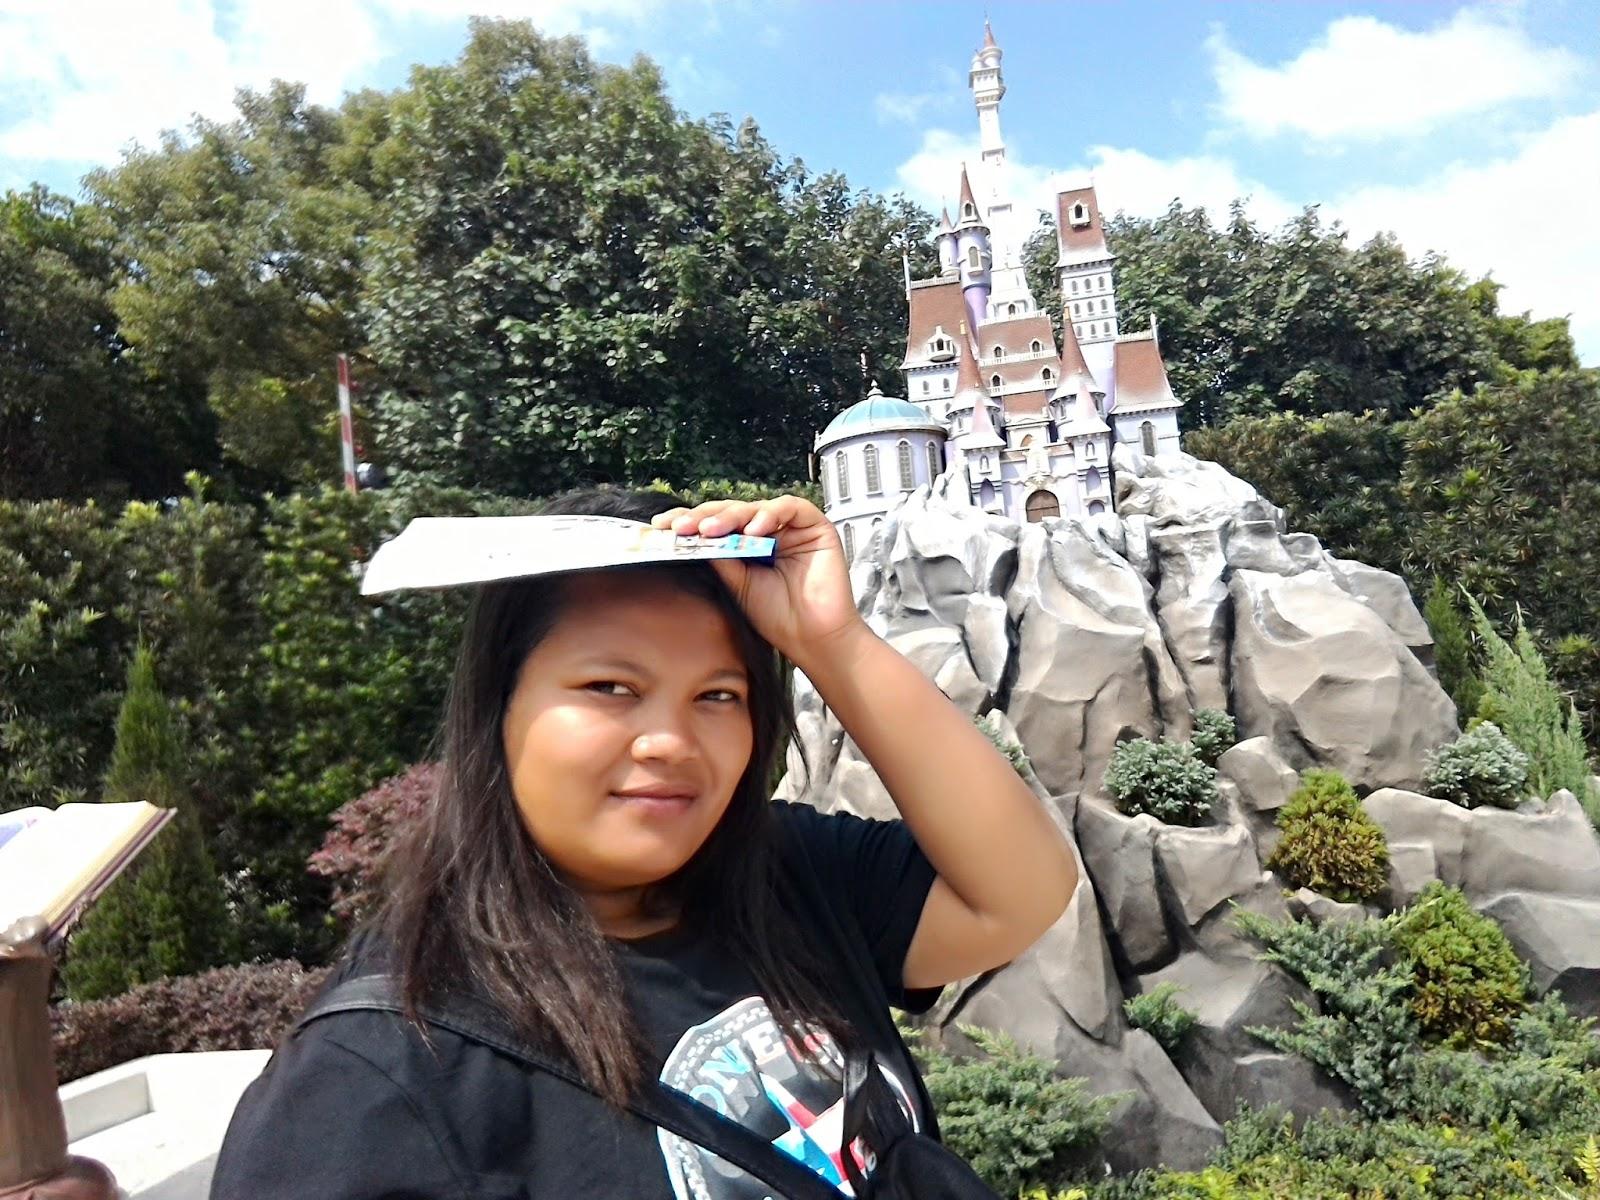 Werehouse Manajemen Cerita Liburan Ke Hongkong Tiket Masuk Sky 100 Anak Dan Gk Boleh Selfi Pake Tongsis Klo Sini Mtr Nya Ada Logo Micky Cute Gt Untuk Masuknya Dewasa Hk 539 385